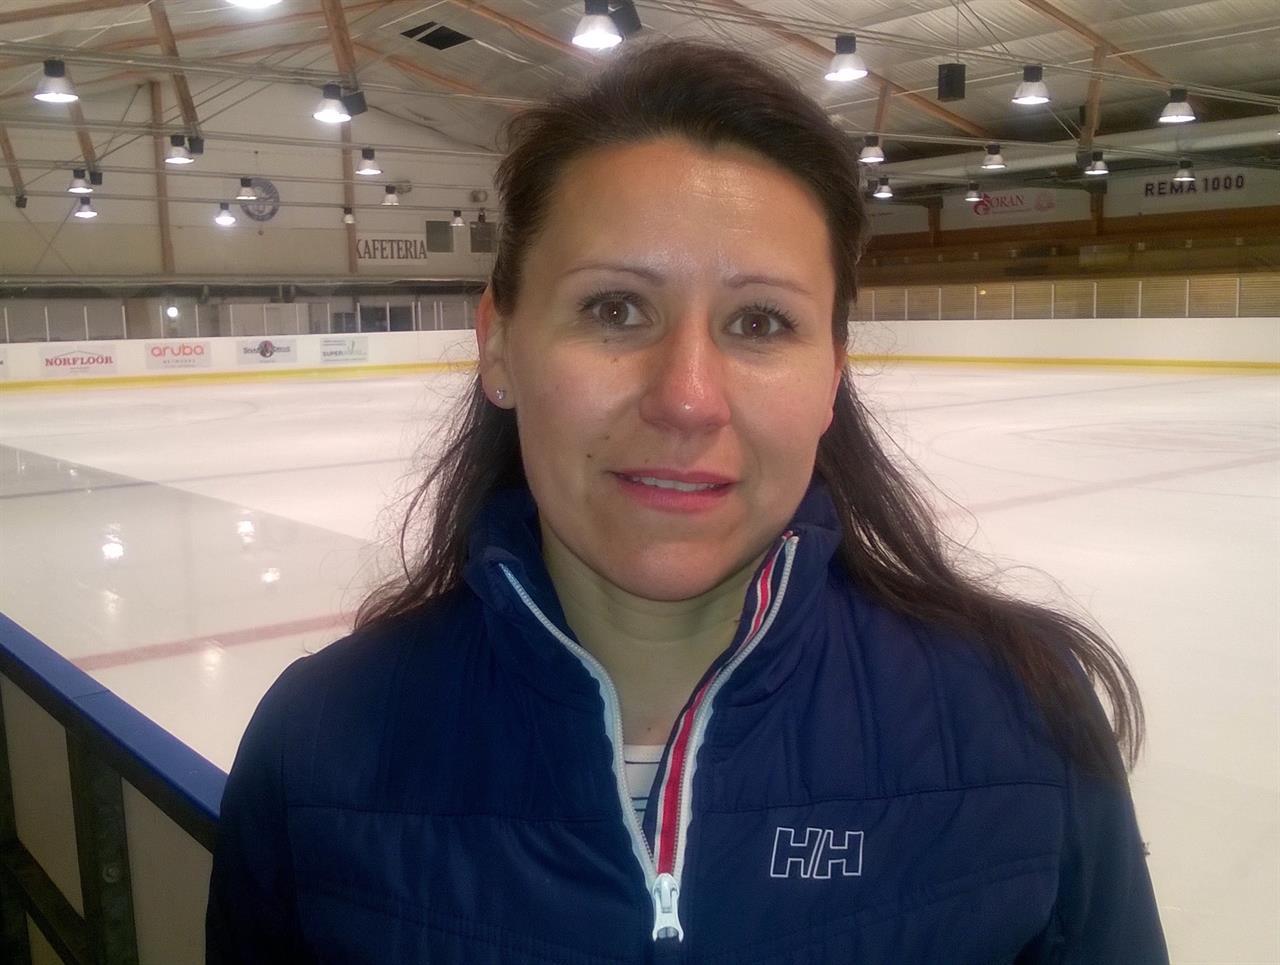 Tanya Sundt